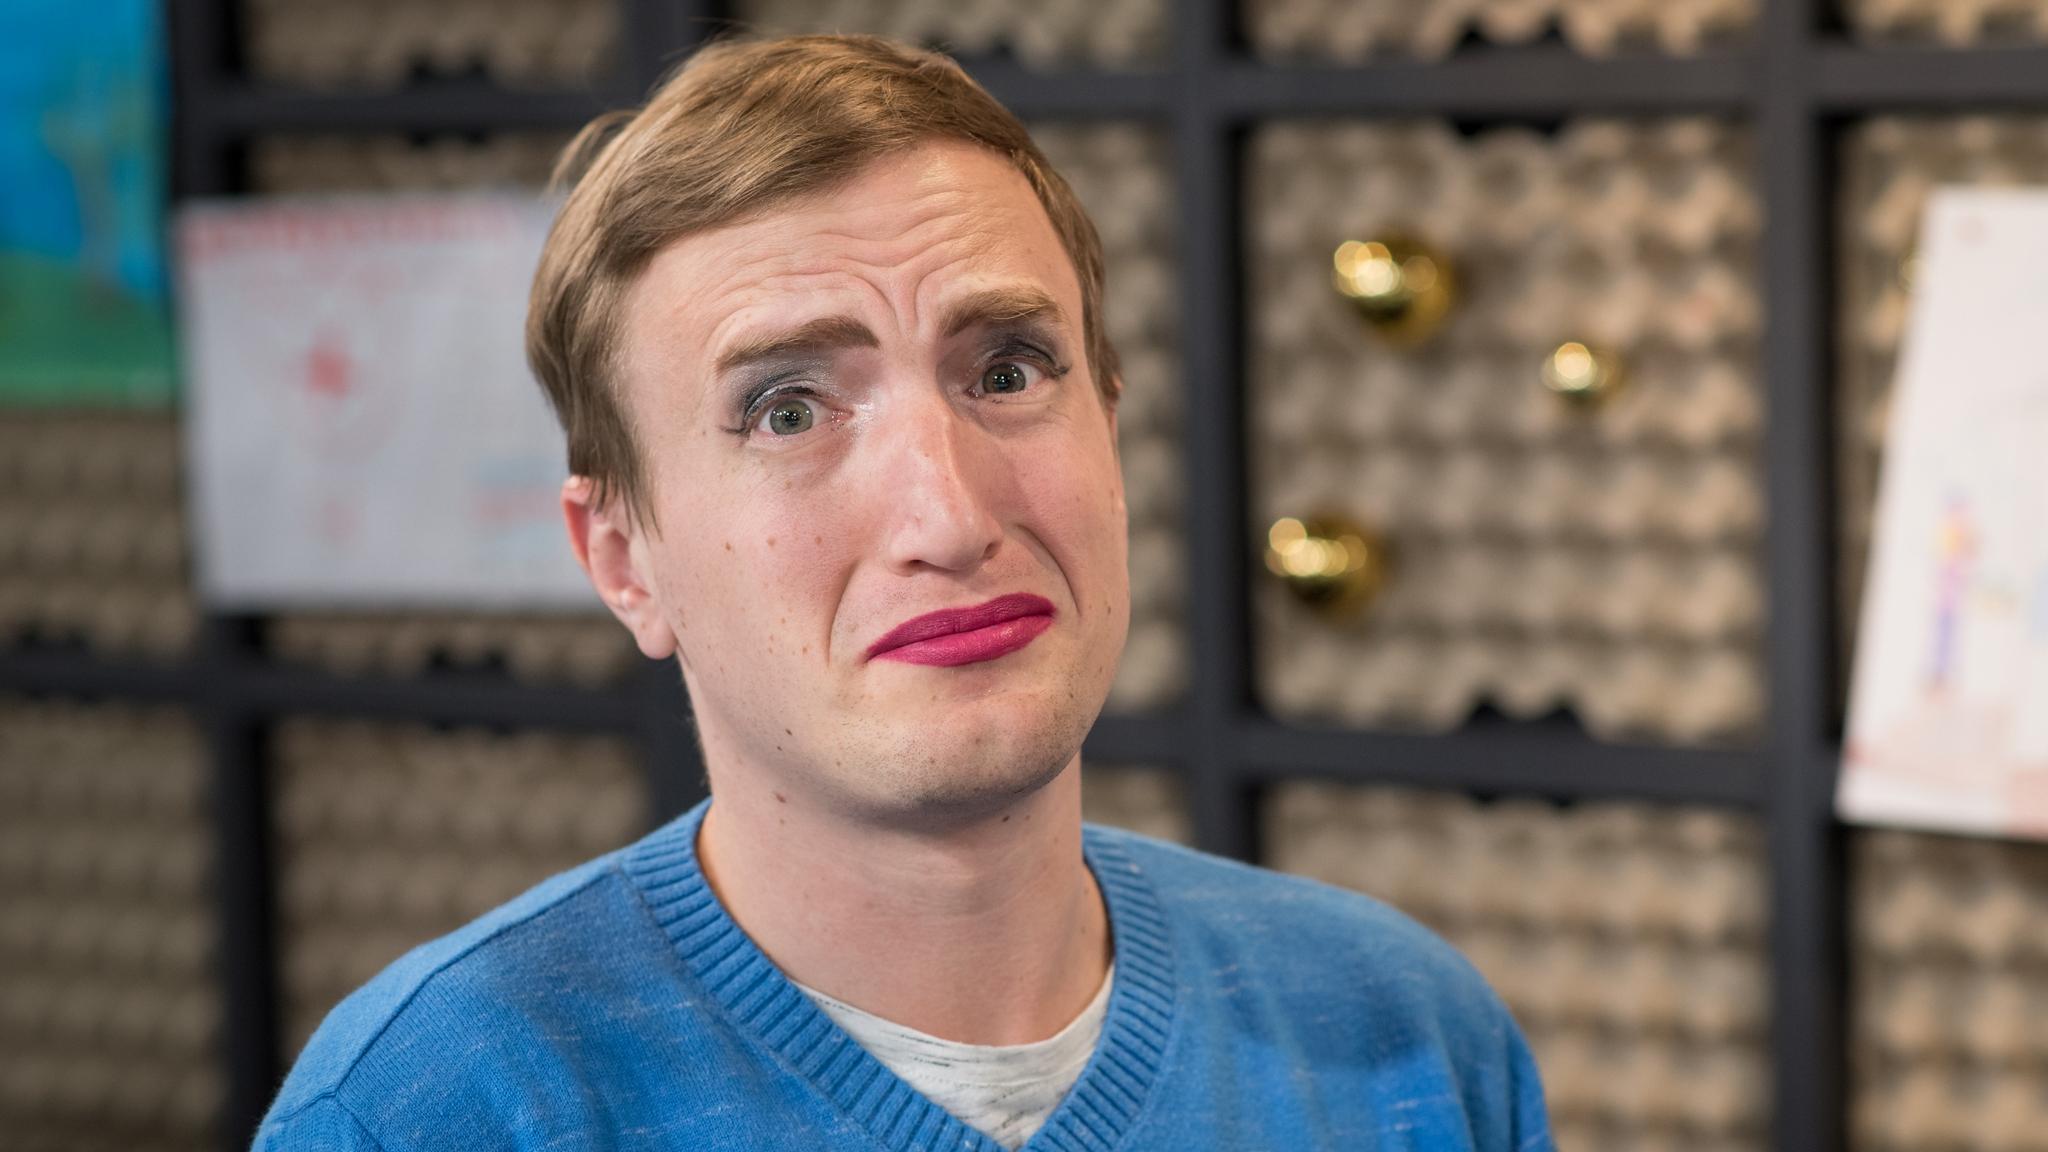 Büssi lässt sich für 1'000 Franken schminken